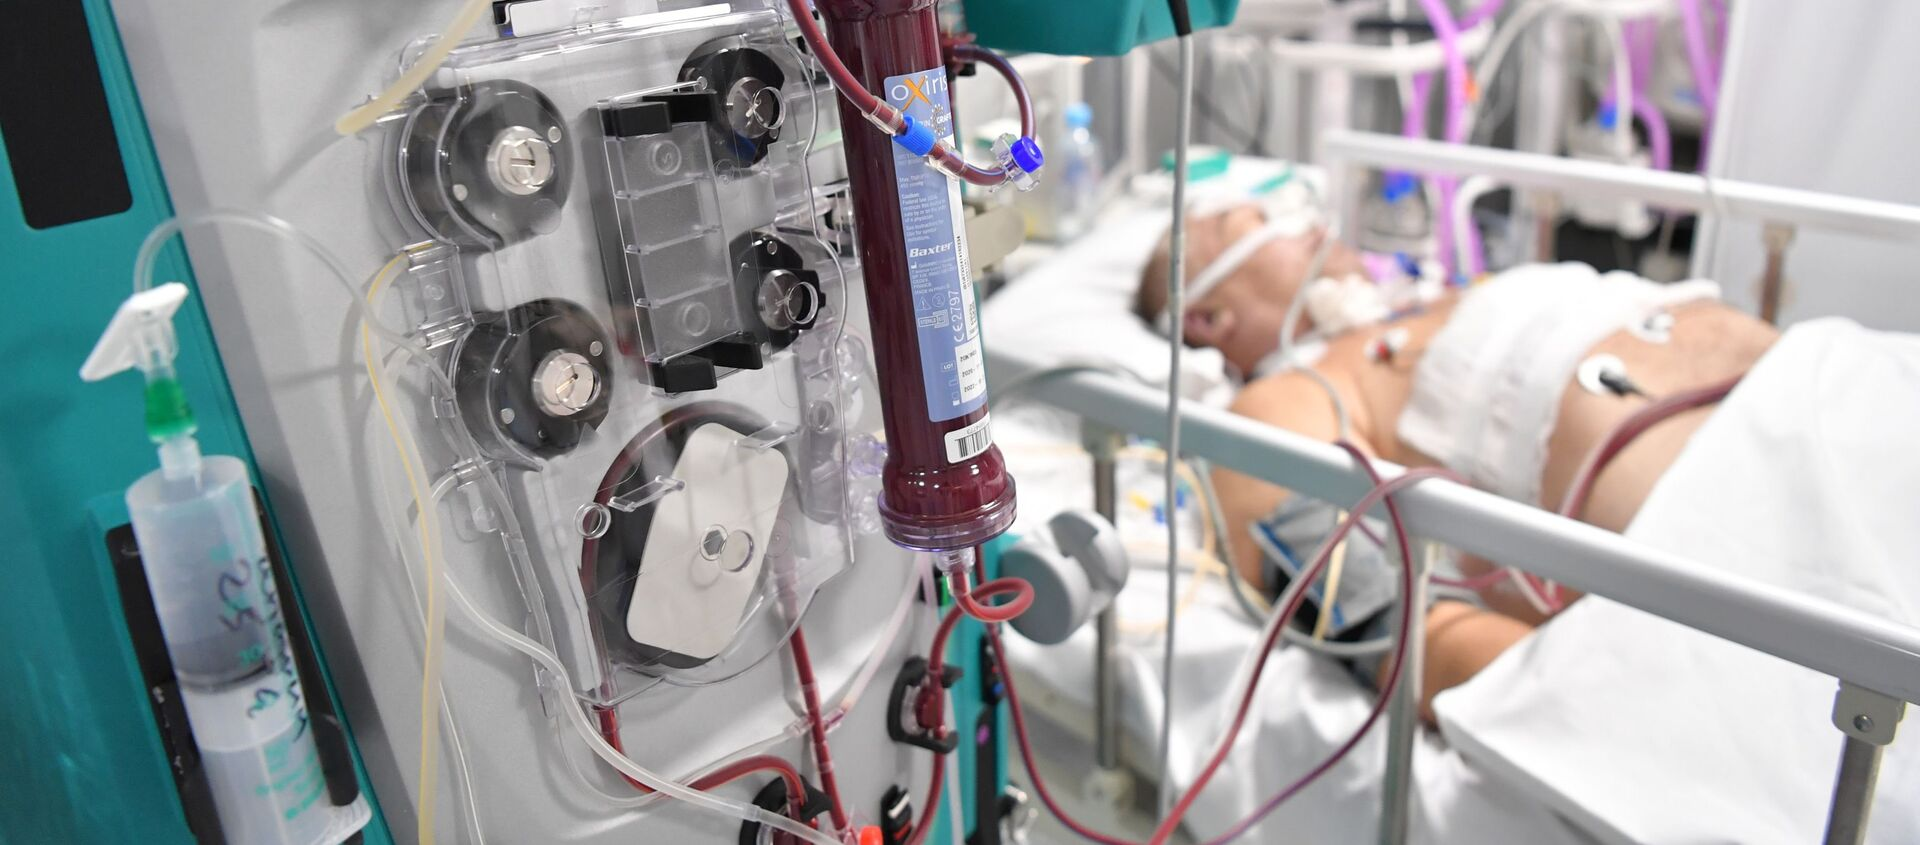 Điều trị bệnh nhân bị COVID-19 trong bệnh viện dự bị tại VDNKh - Sputnik Việt Nam, 1920, 11.09.2021